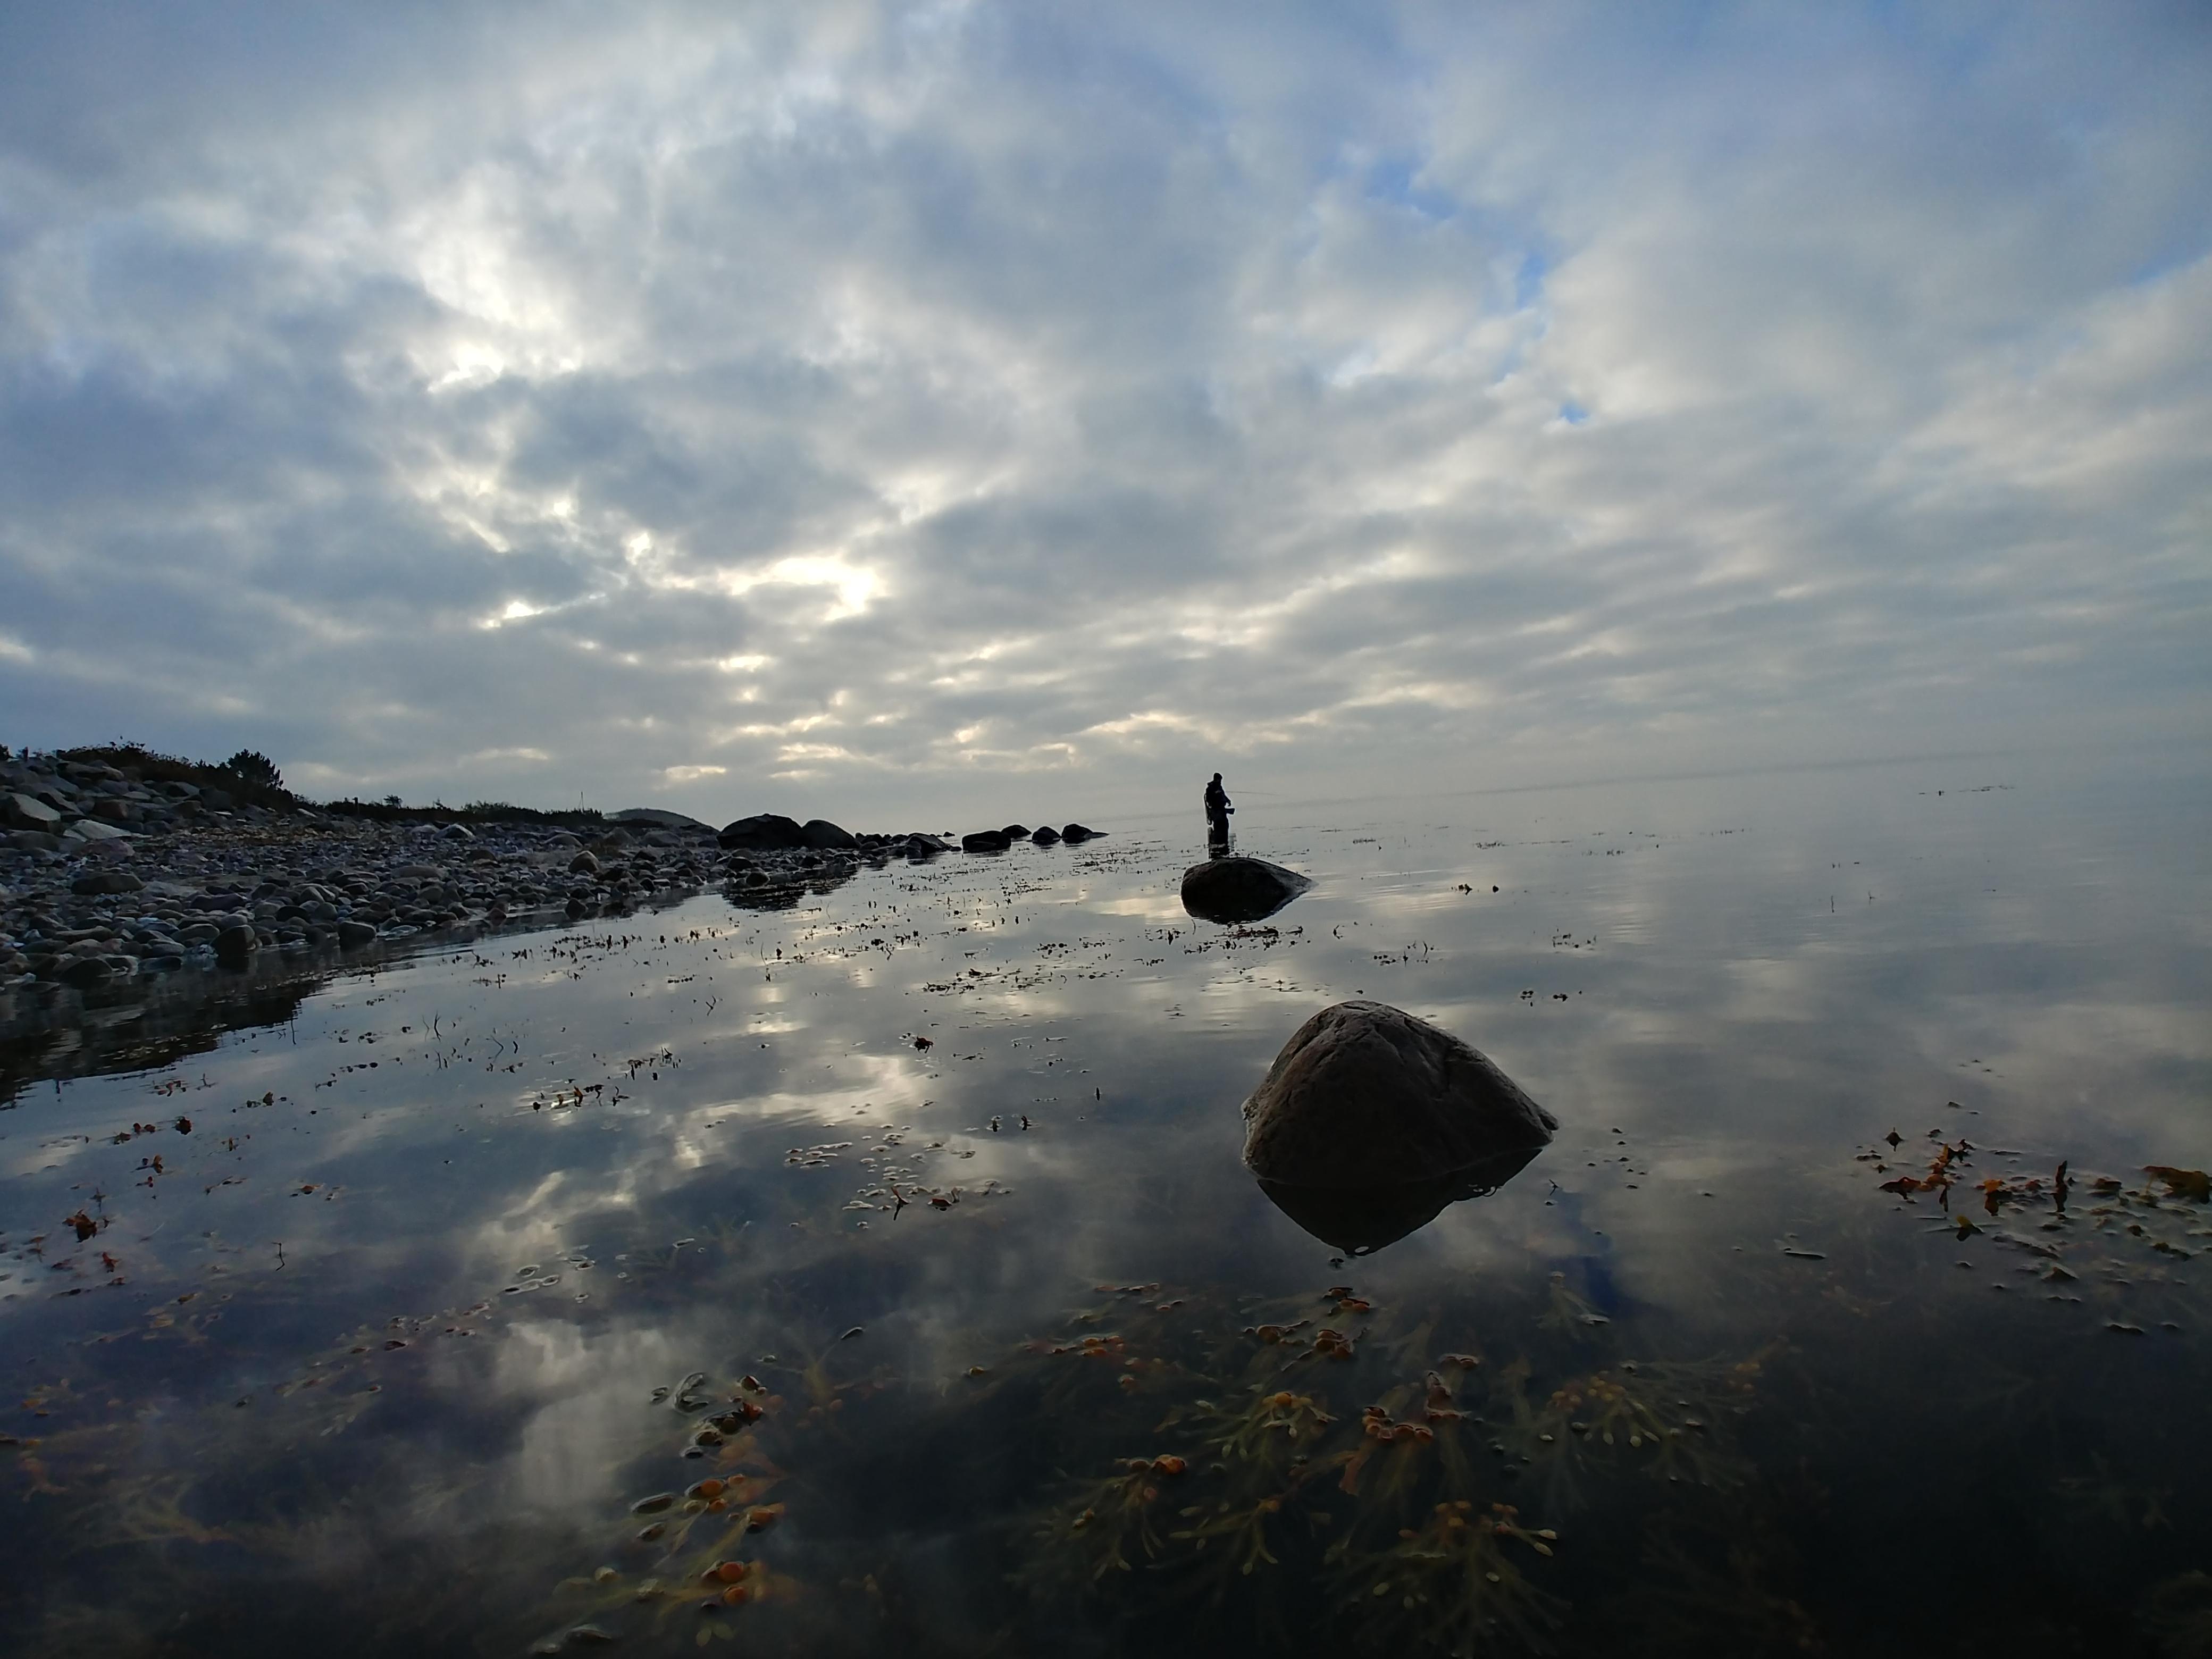 Küstenfischen in Dänemark II